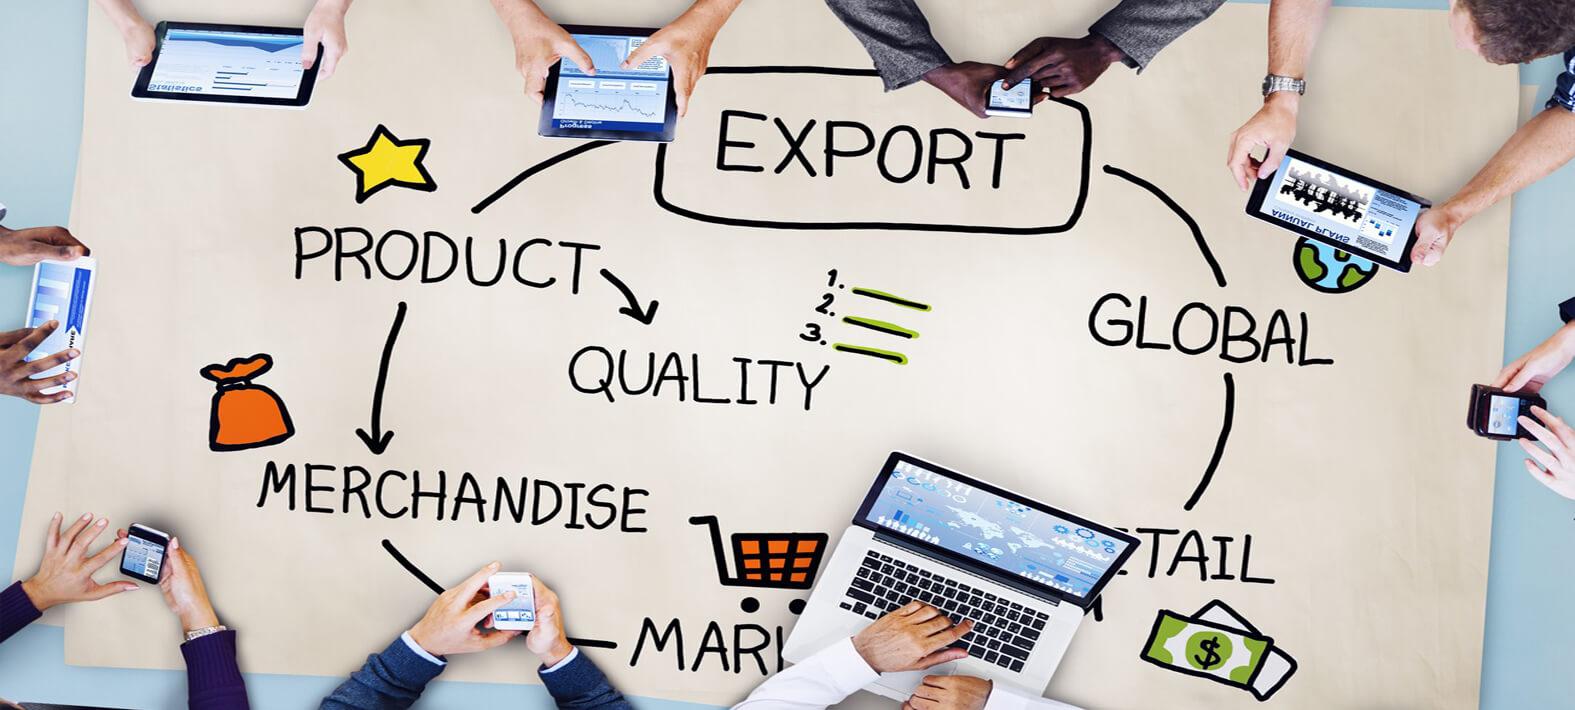 آموزش صادرات و واردات